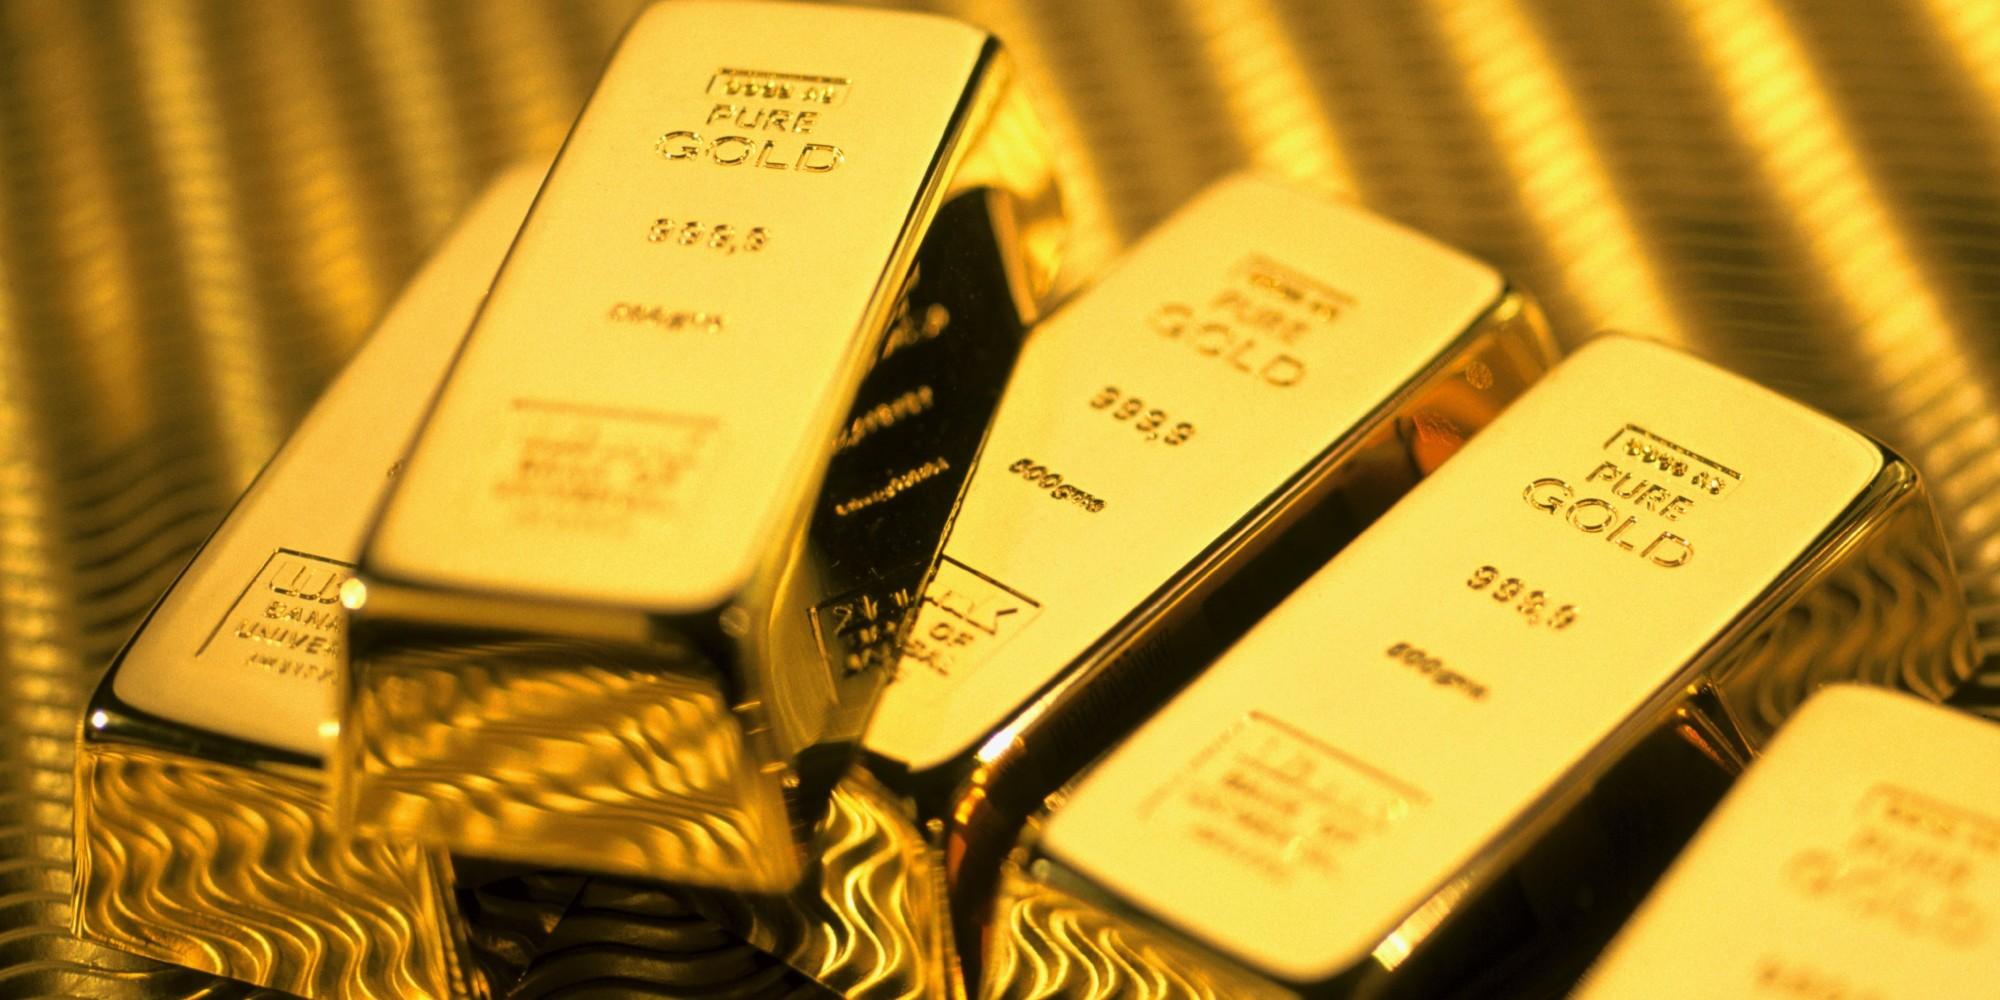 معدلات إنتاج الذهب الاسترالية تسجل أعلى مستوياتها